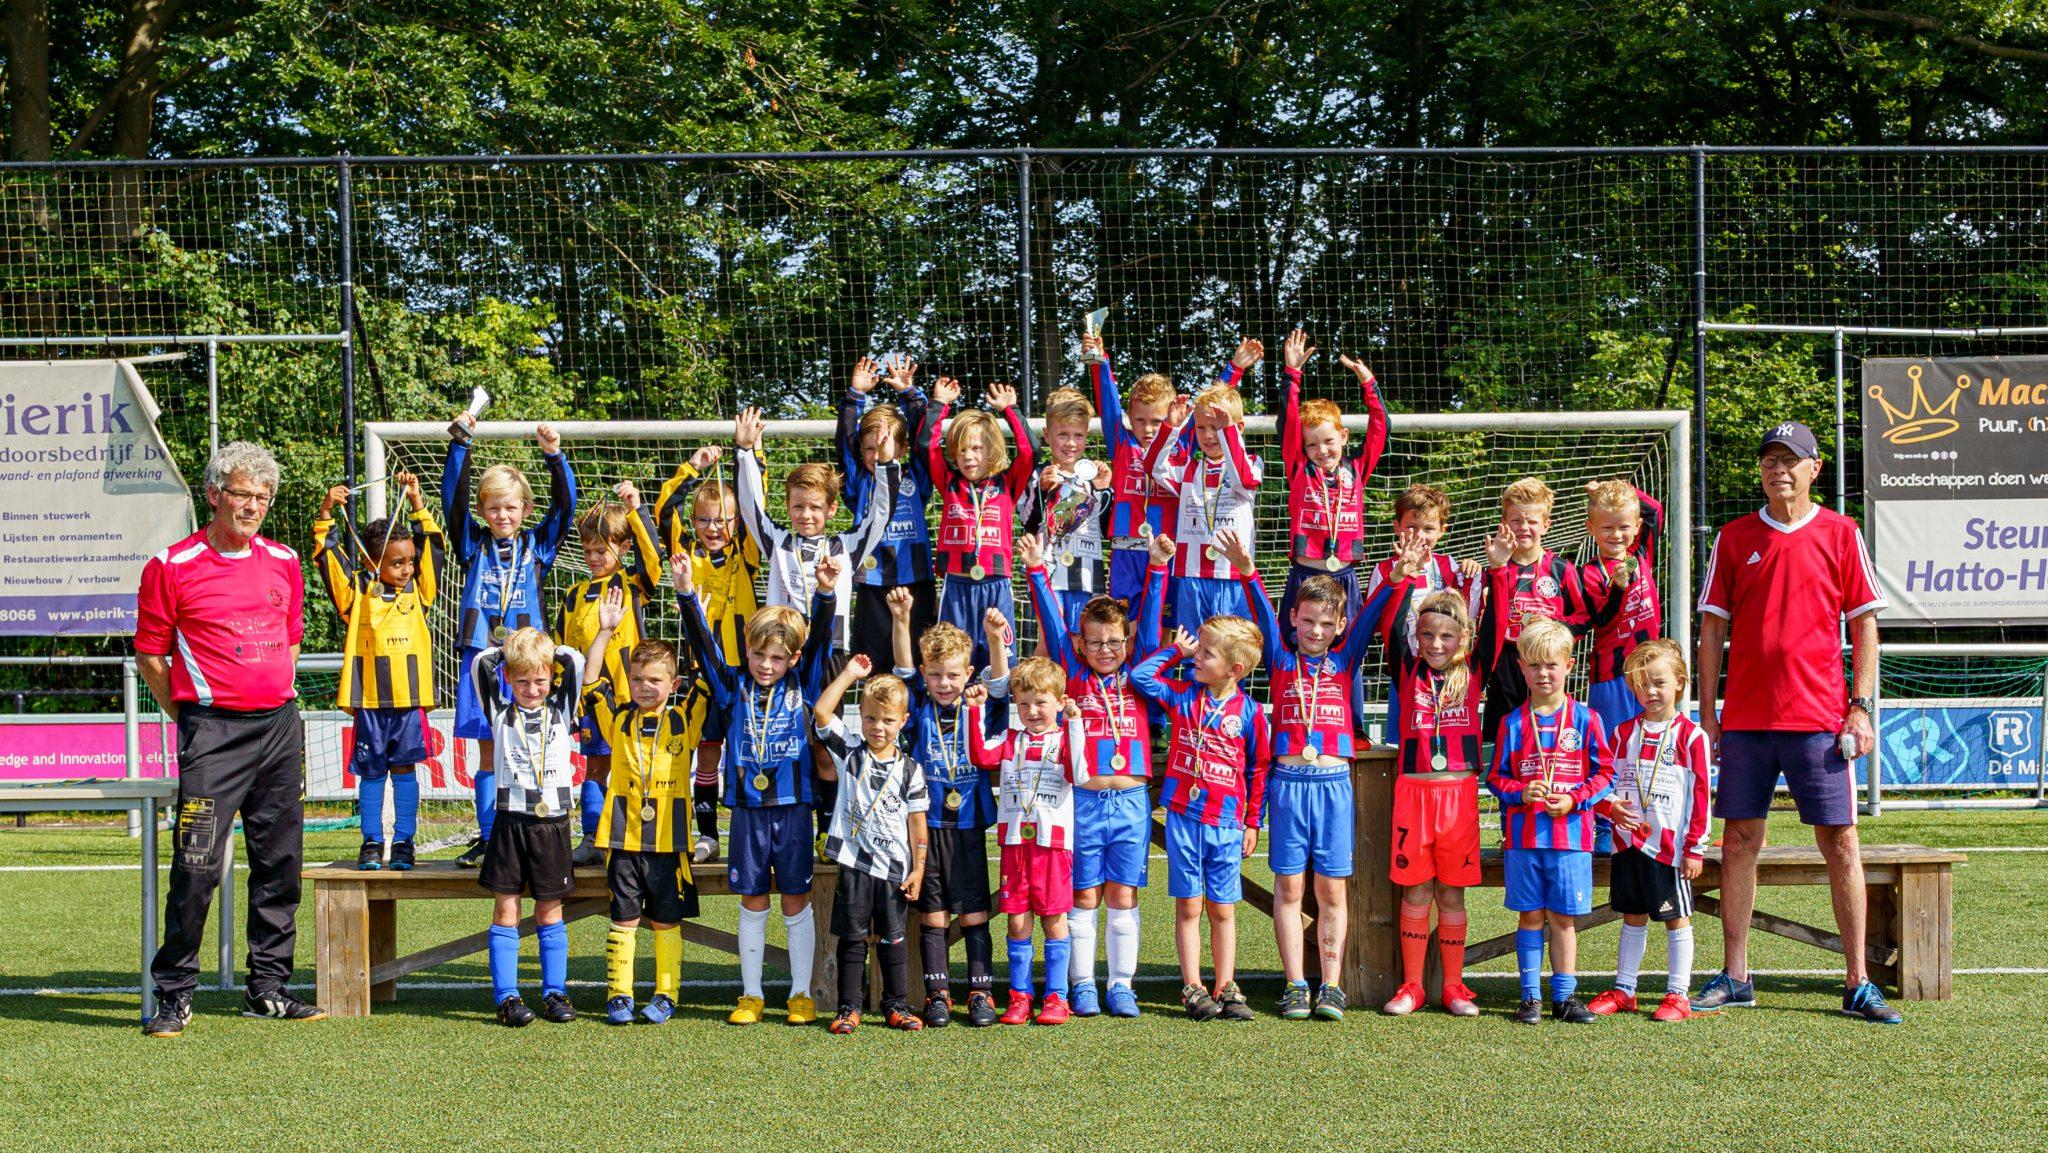 Prijsuitreiking van de Champions League bij sv Hatto-Heim